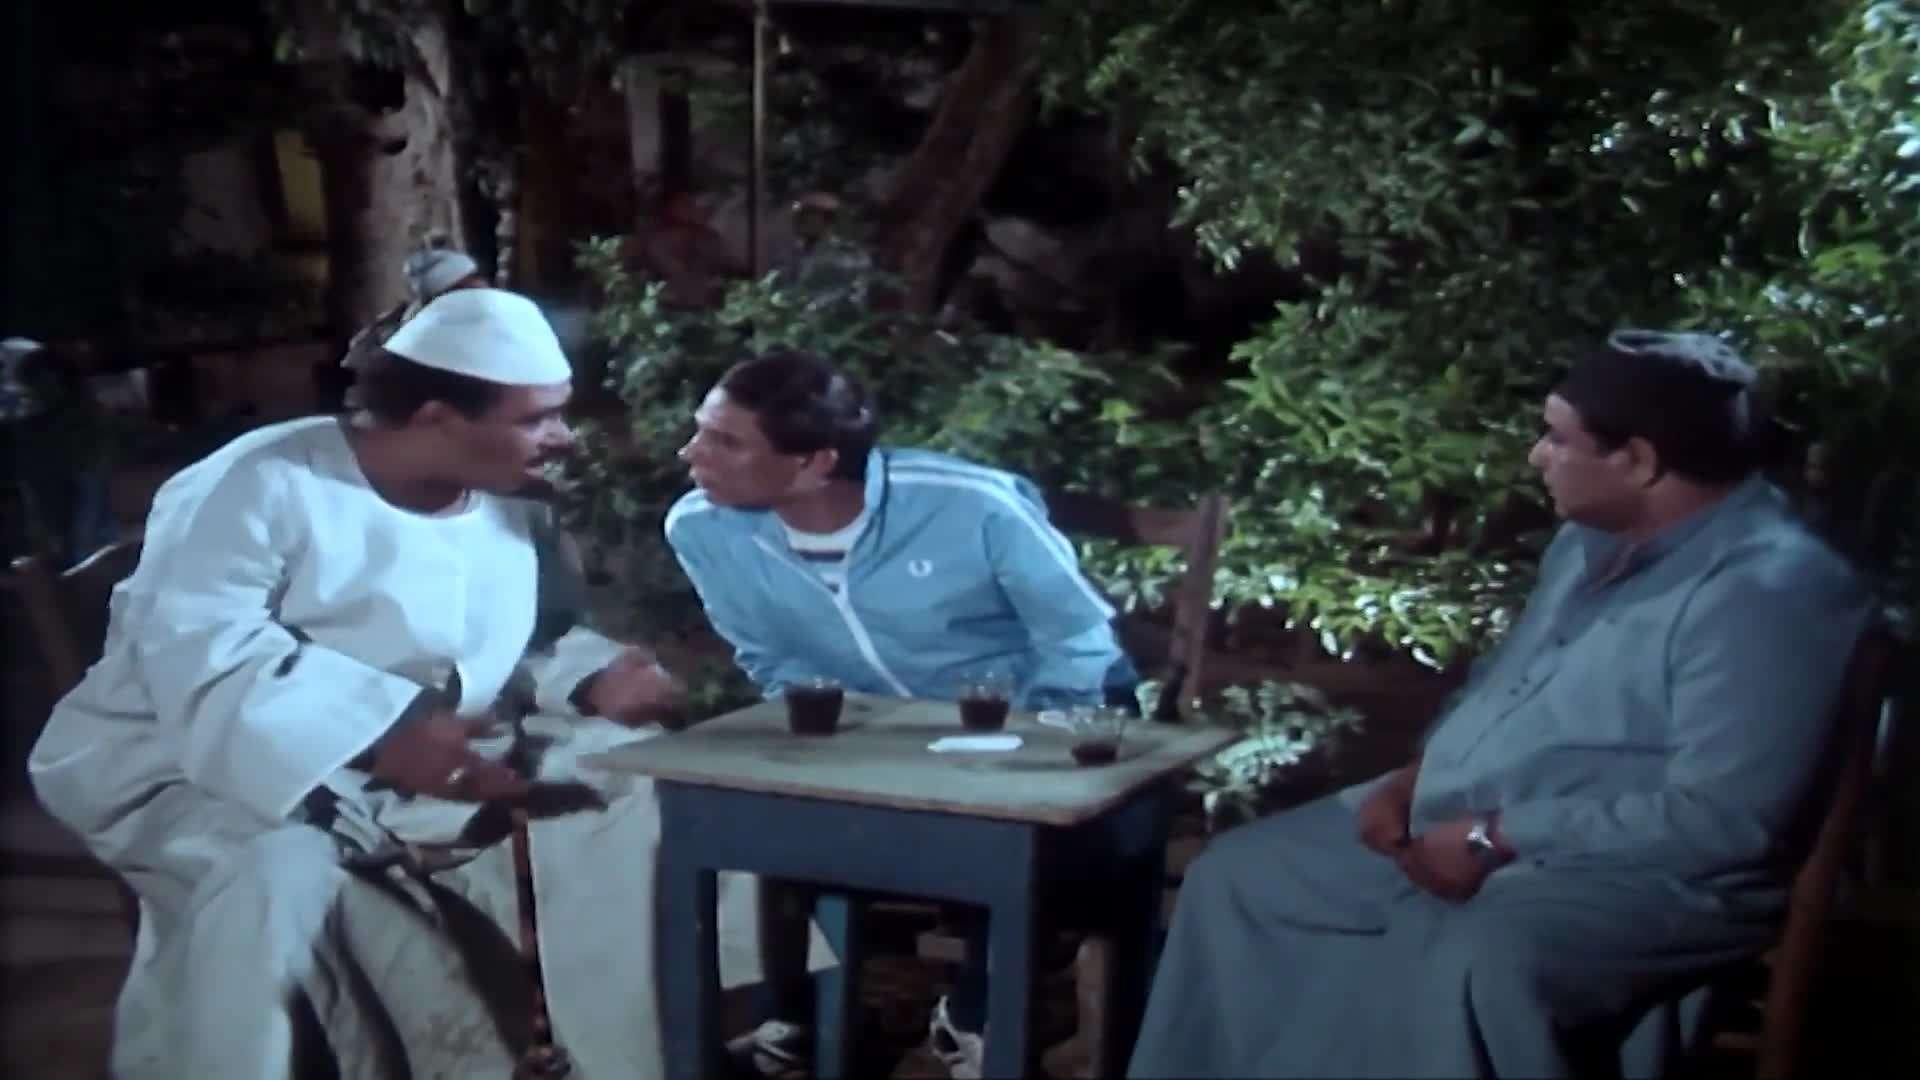 [فيلم][تورنت][تحميل][عصابة حمادة وتوتو][1982][1080p][Web-DL] 9 arabp2p.com